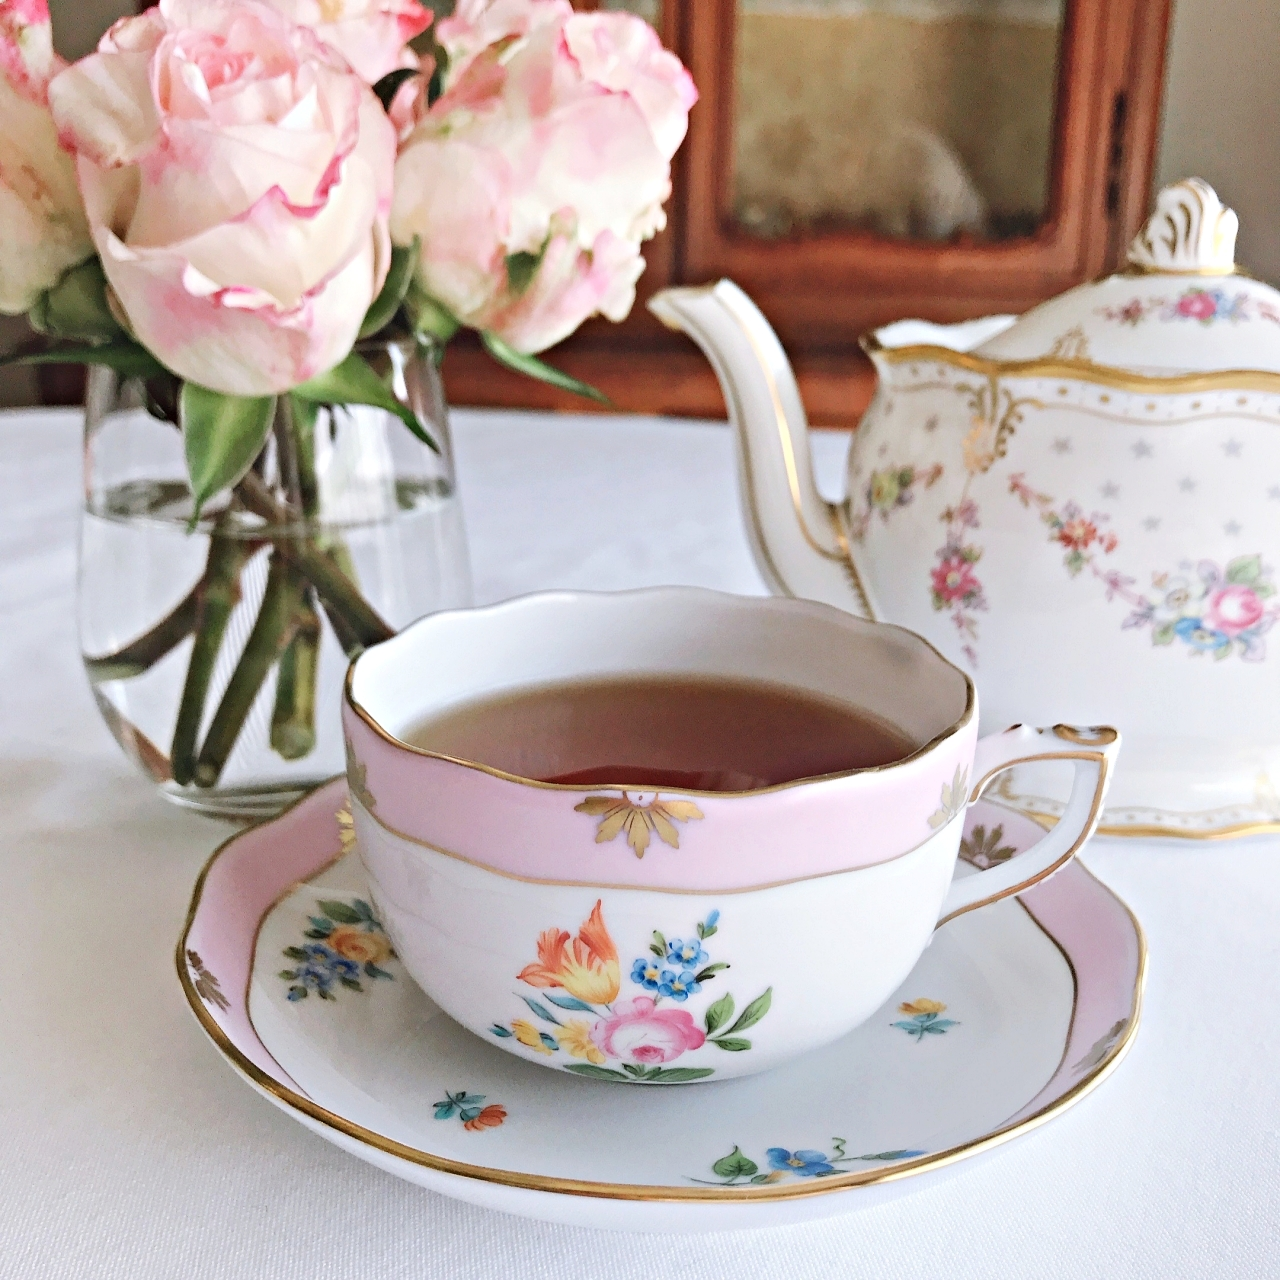 一輪のバラとチューリップの花束で、愛を表現したティーカップ